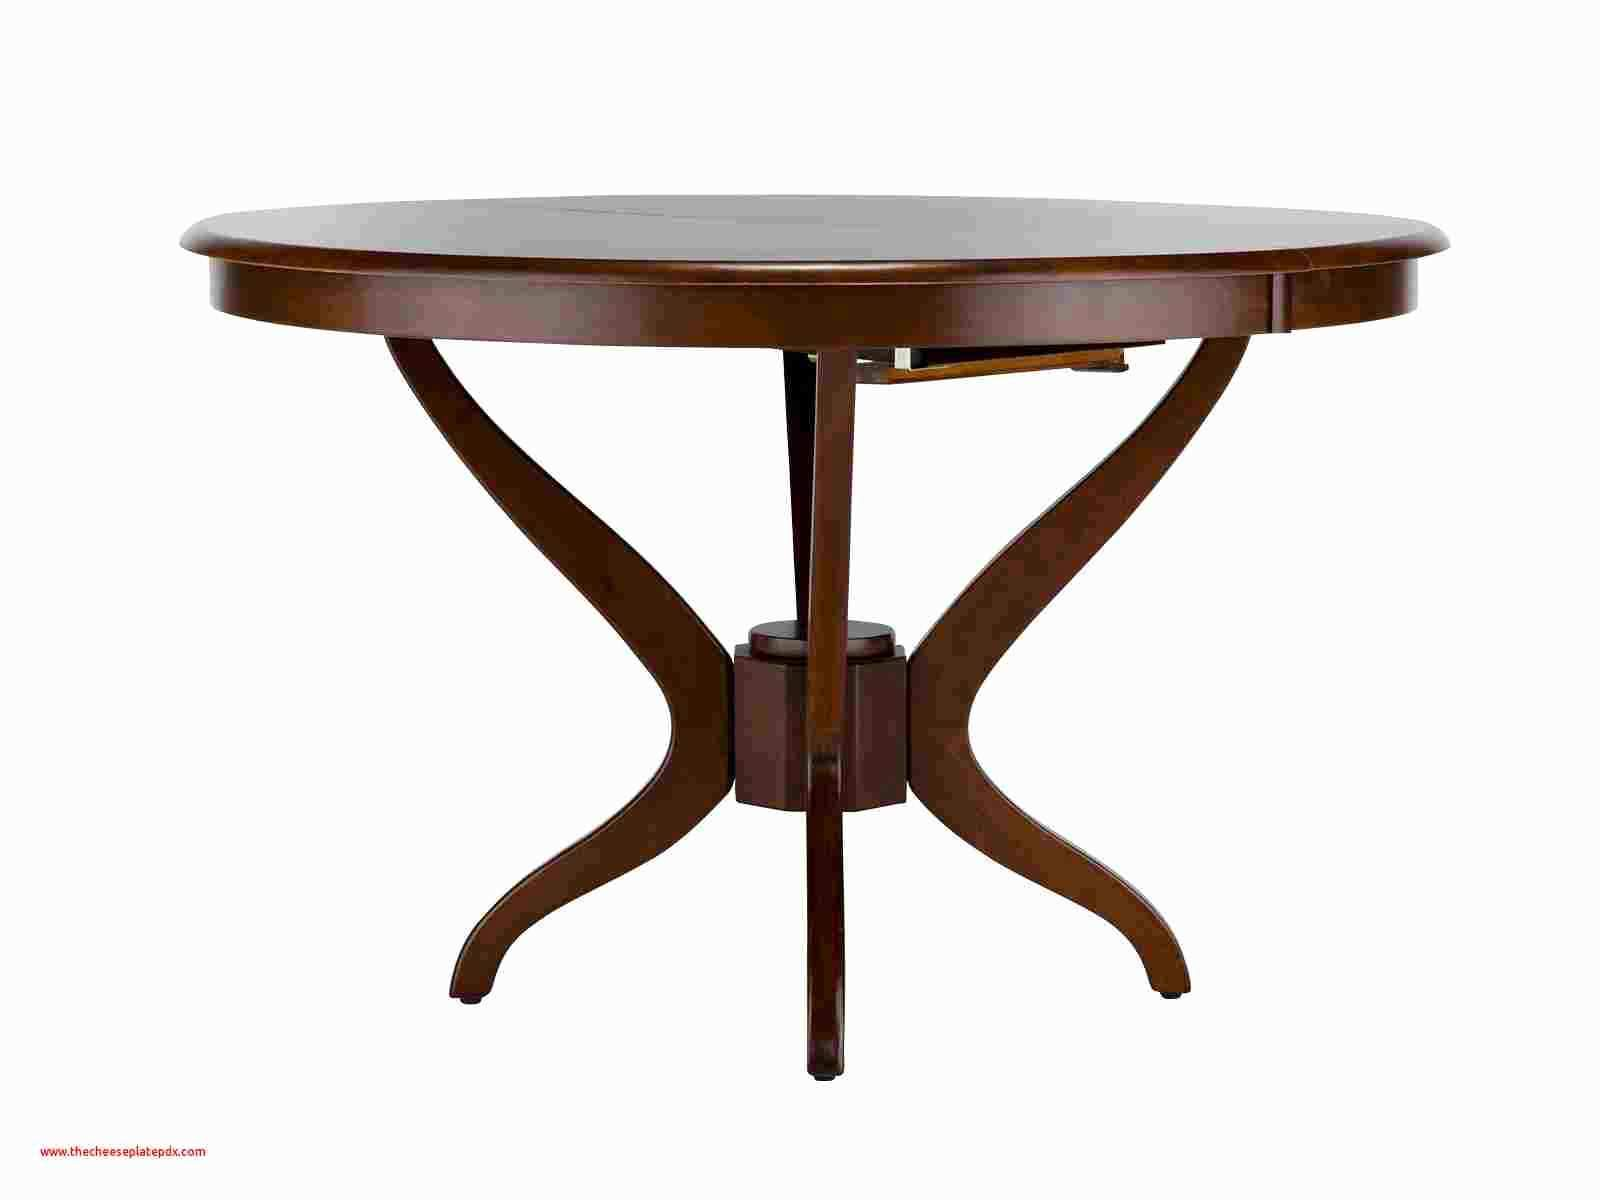 esstisch rund 80 cm ehrfurchtig tisch schublade 0d archives house design von tisch rund ausziehbar of tisch rund ausziehbar